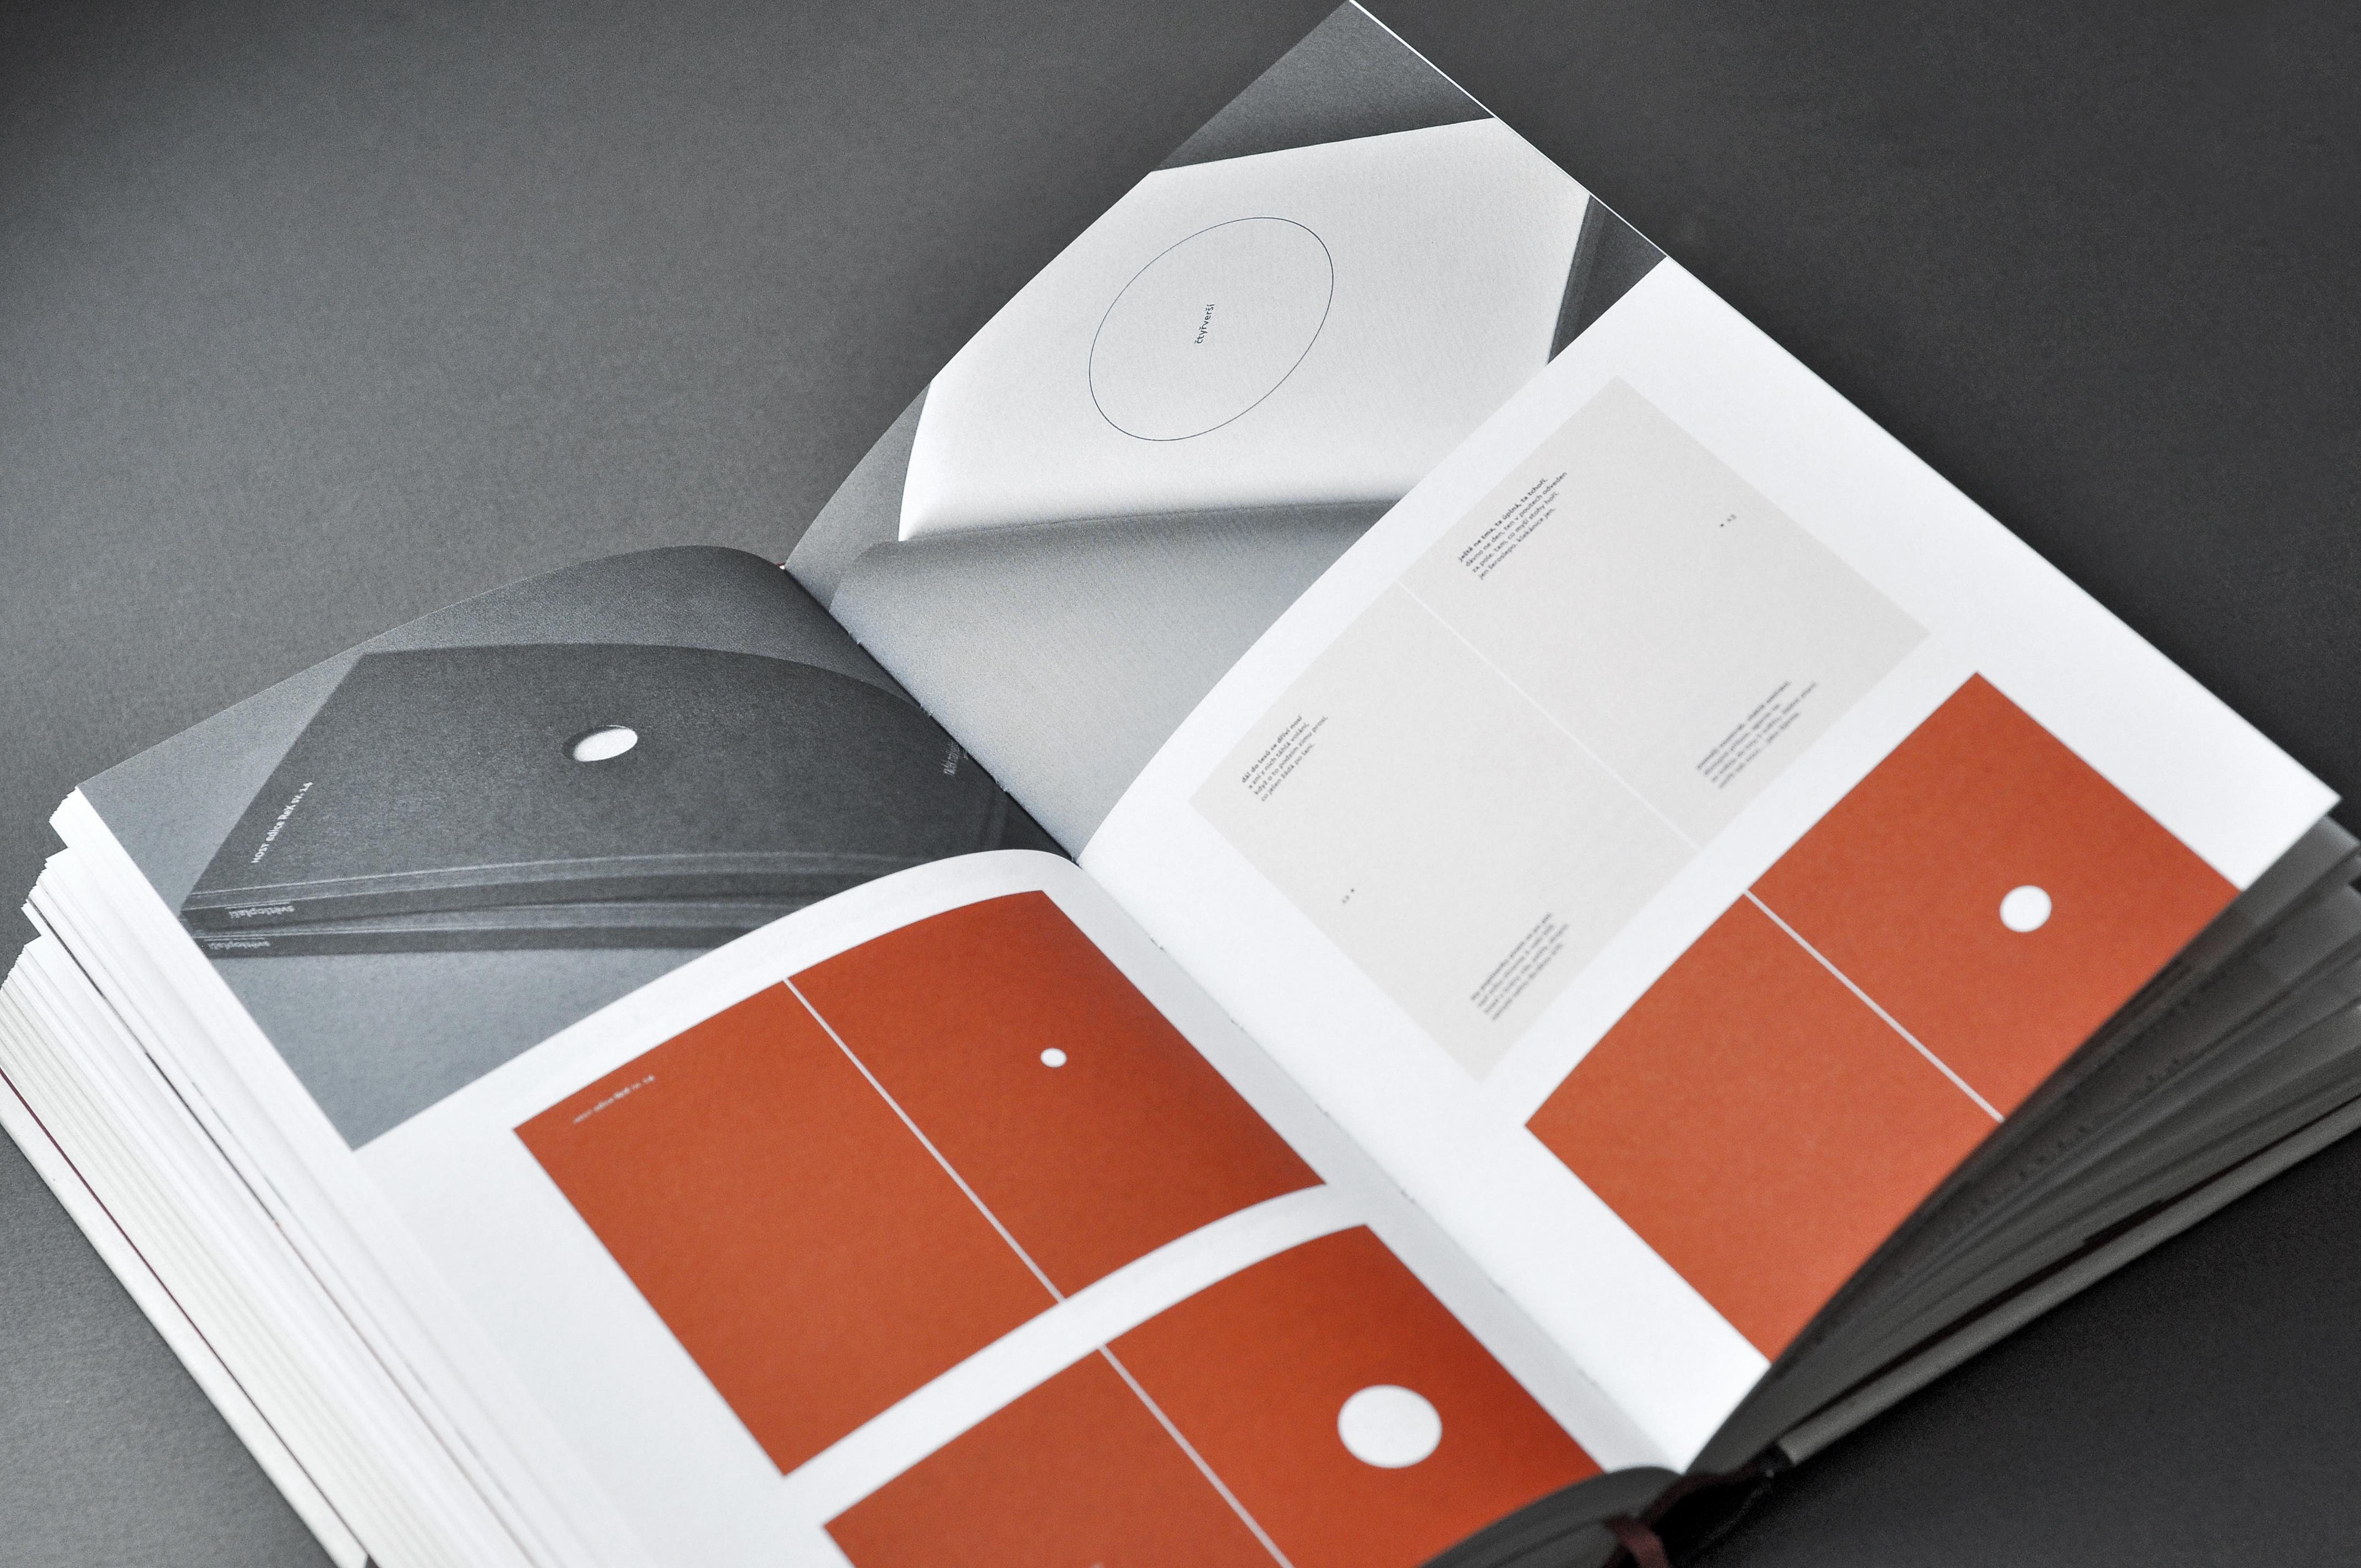 knihy-a-typografie_006